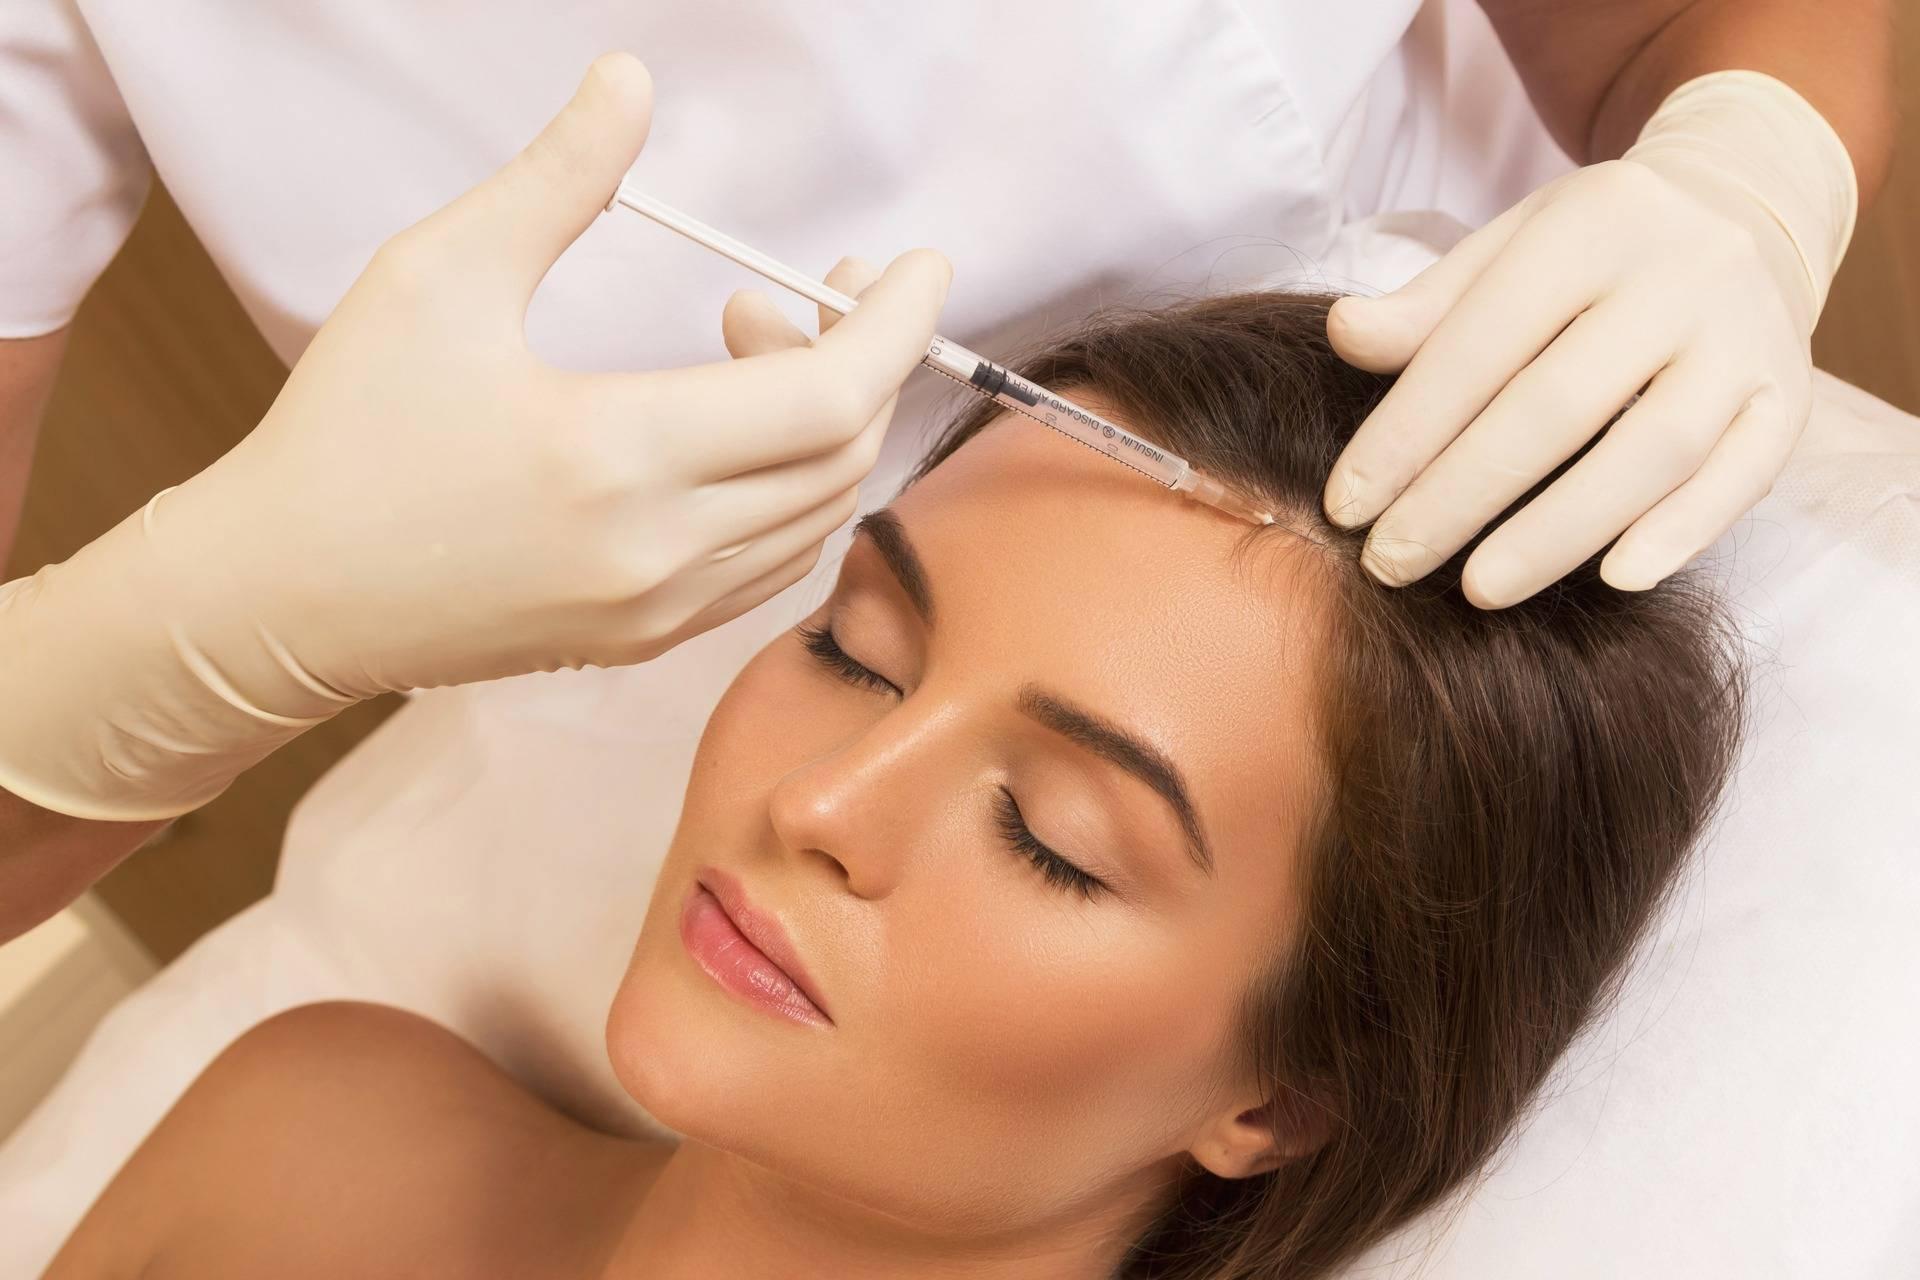 Лучшие средства для мезотерапии волос: какой препарат выбрать?